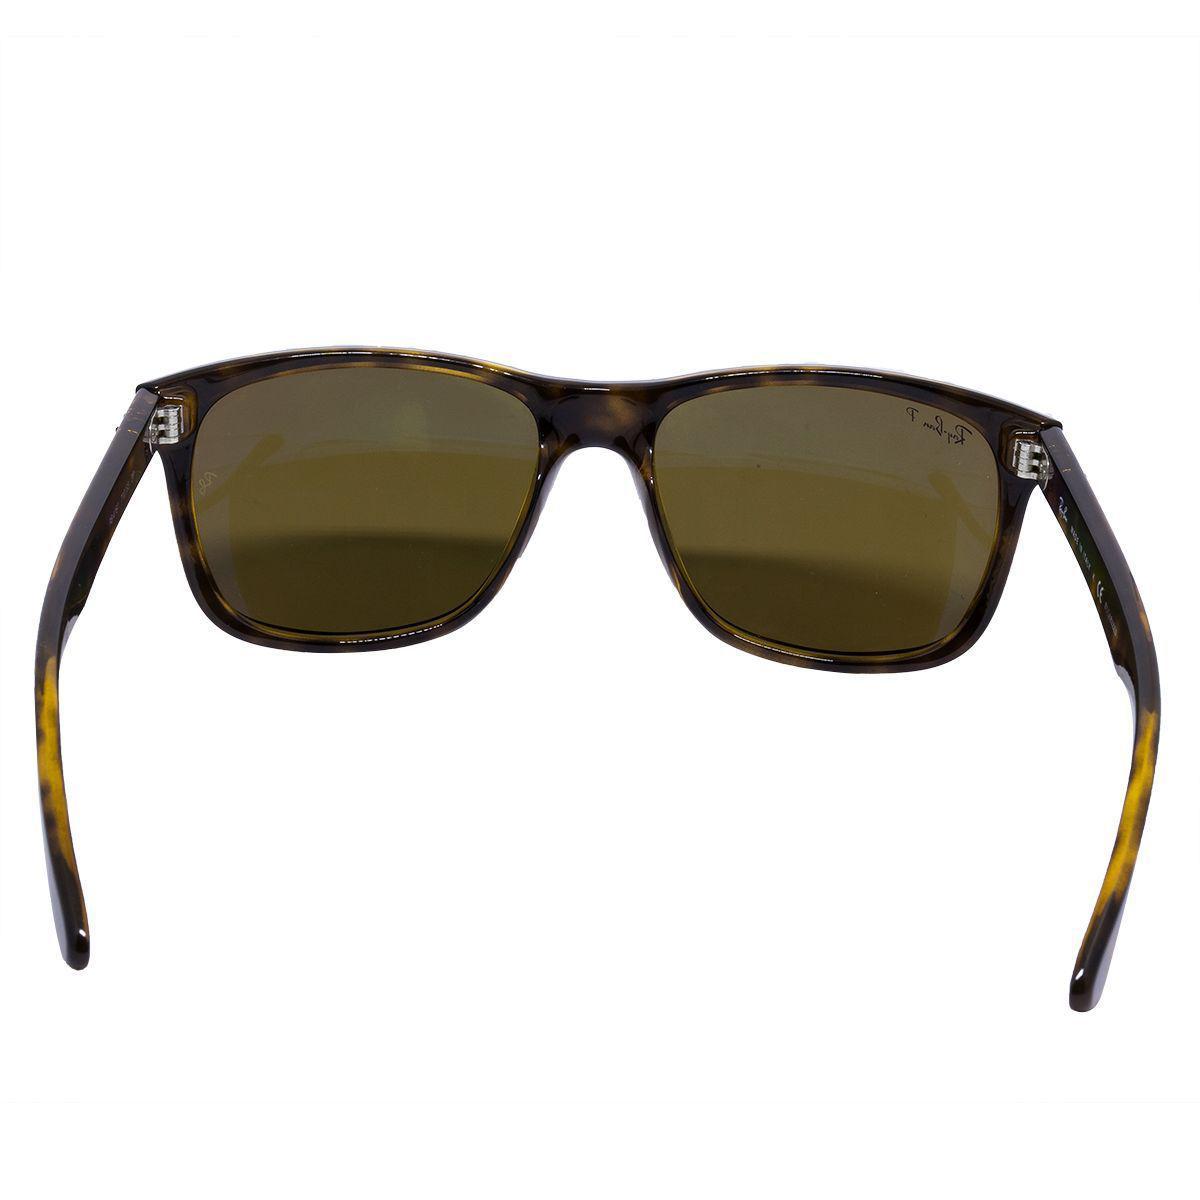 9d8b23aa7831b Óculos de Sol Ray Ban Polarizado RB4181 71083 - Acetato Tartaruga, Lente  Marrom R  629,00 à vista. Adicionar à sacola